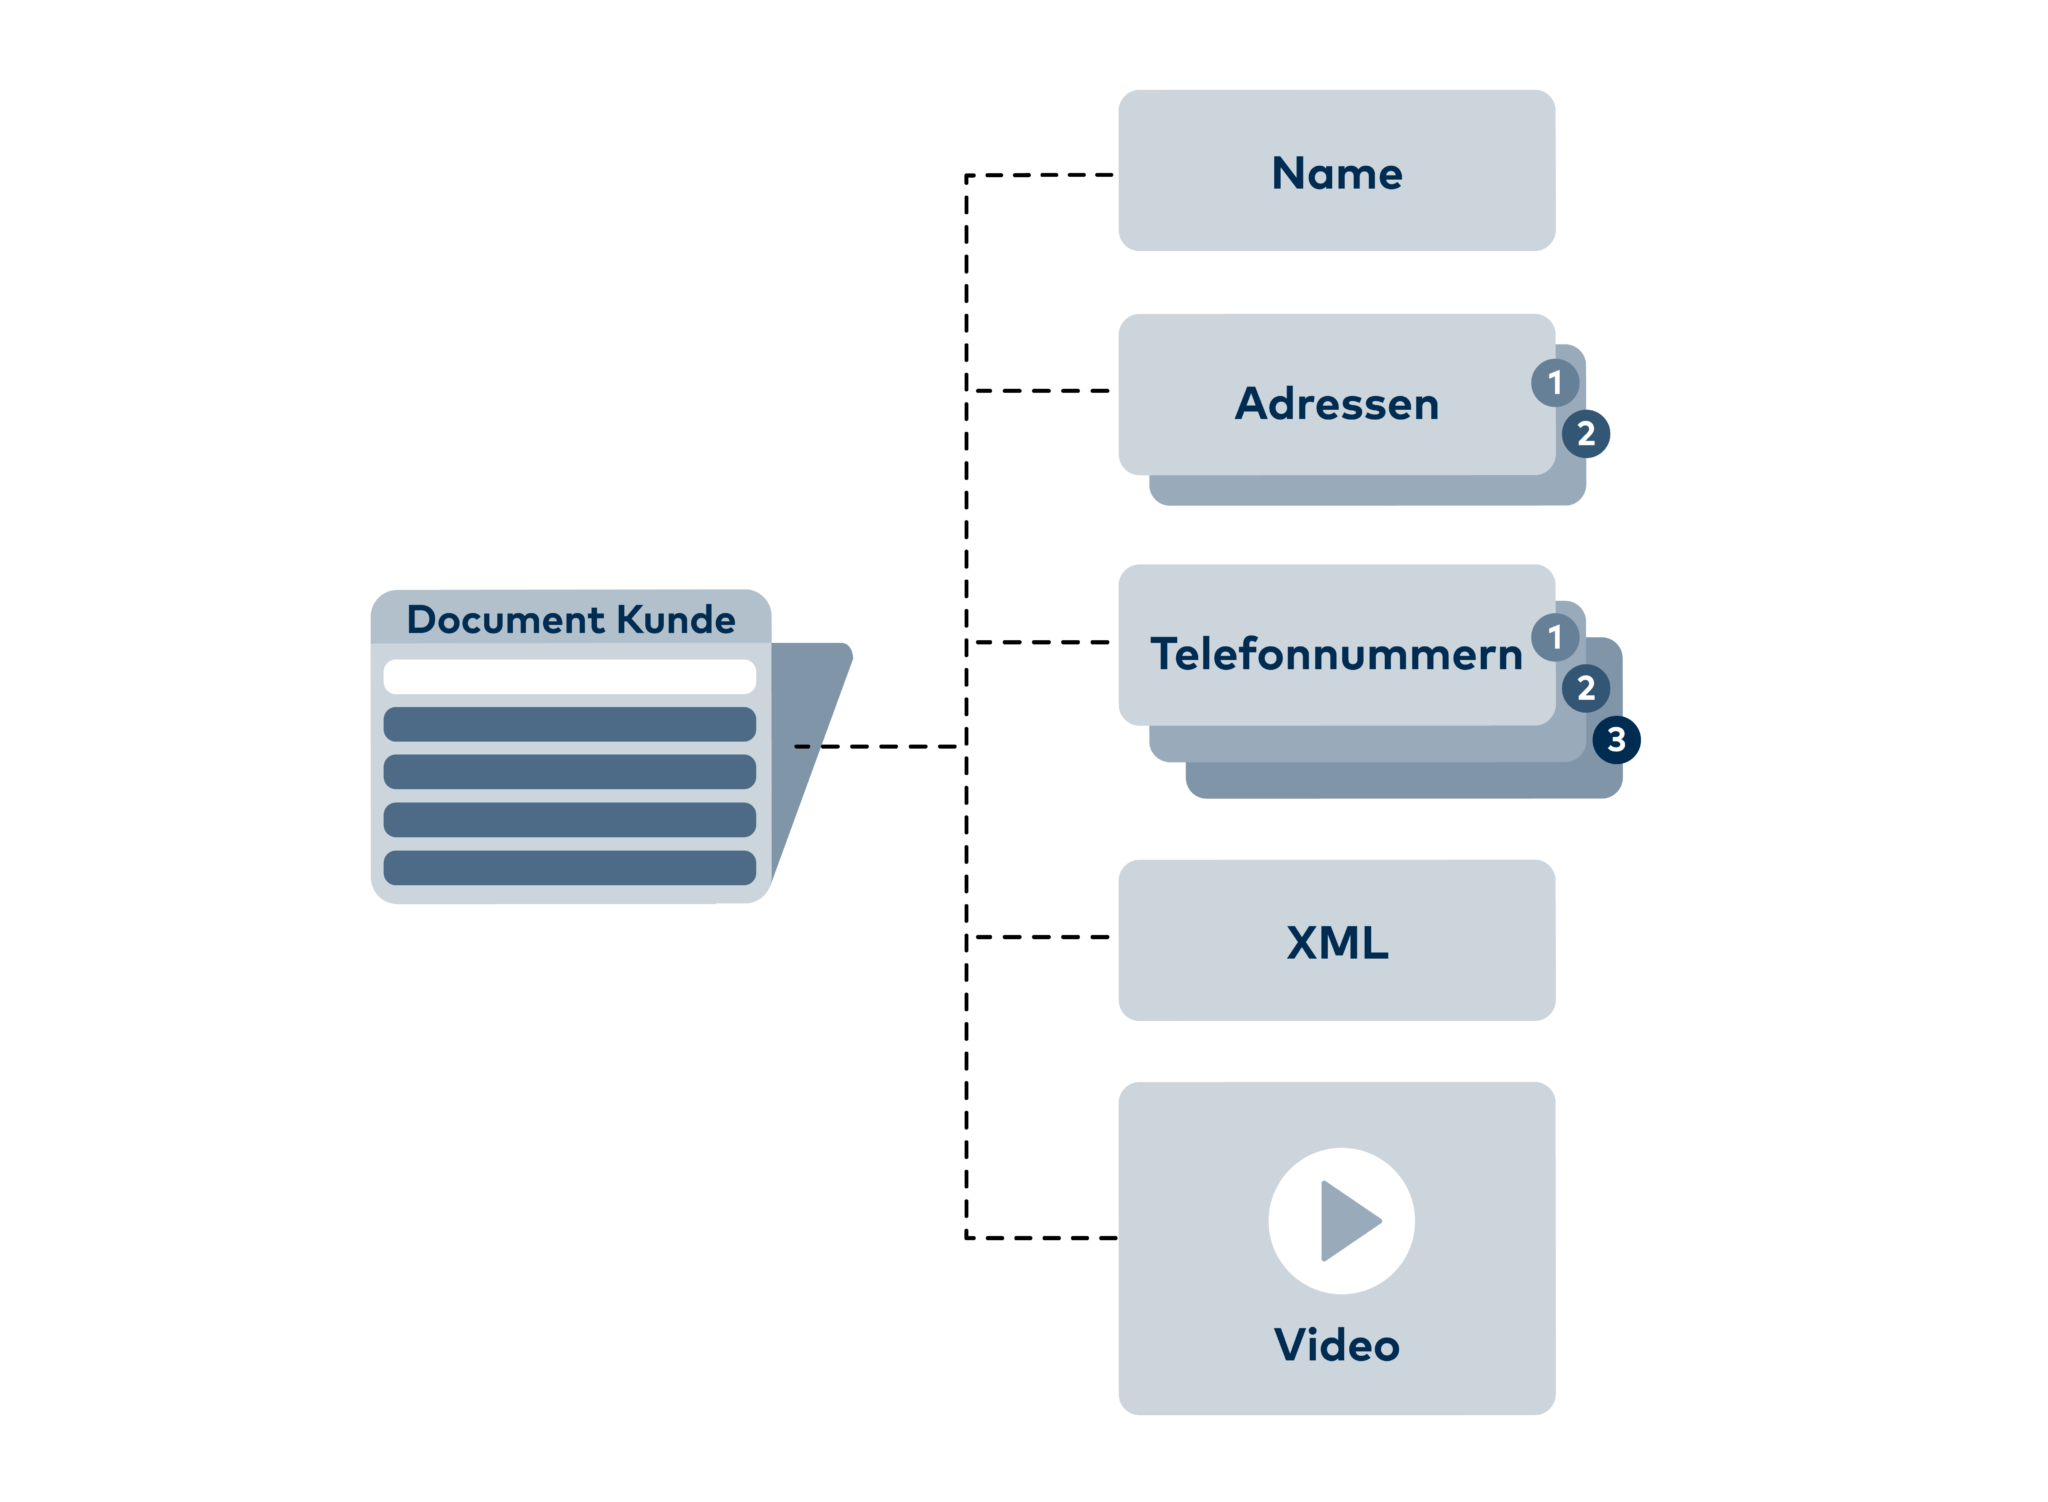 MongoDB Daten werden in sogenannten Documents gespeichert